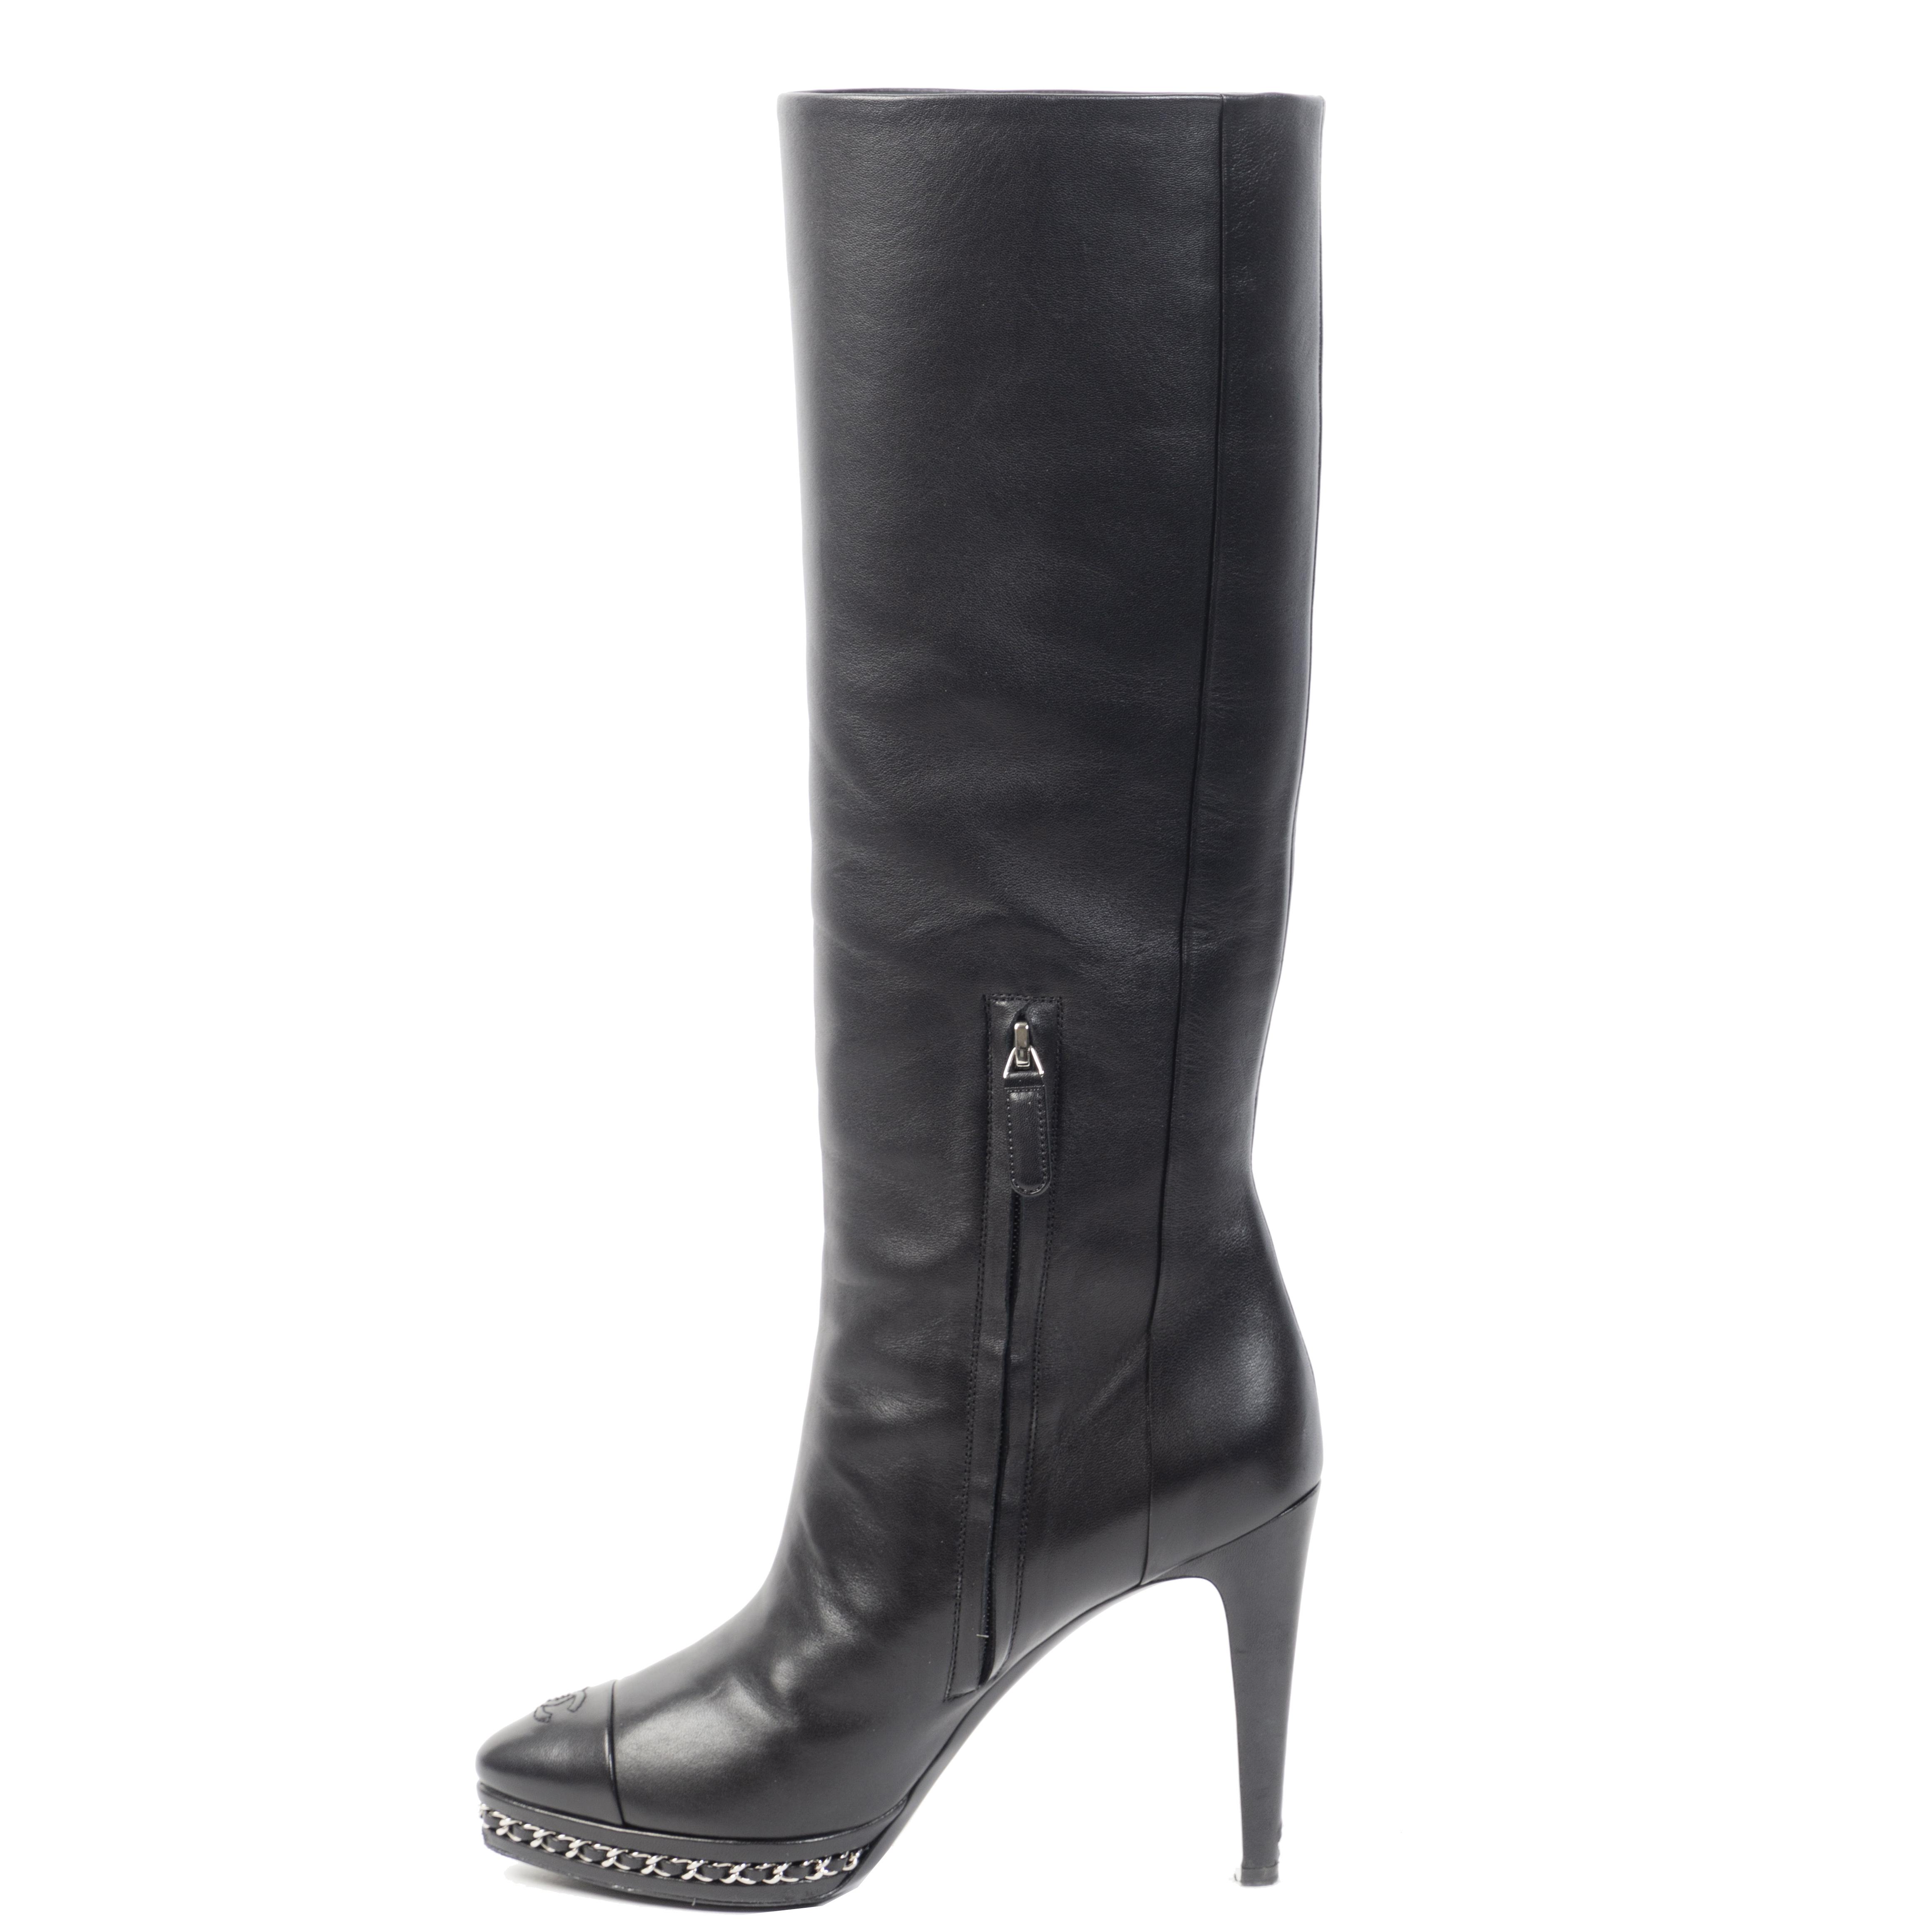 Authentieke Tweedehands Chanel Chain Platform Black Leather Boots juiste prijs veilig online shoppen luxe merken webshop winkelen Antwerpen België mode fashion